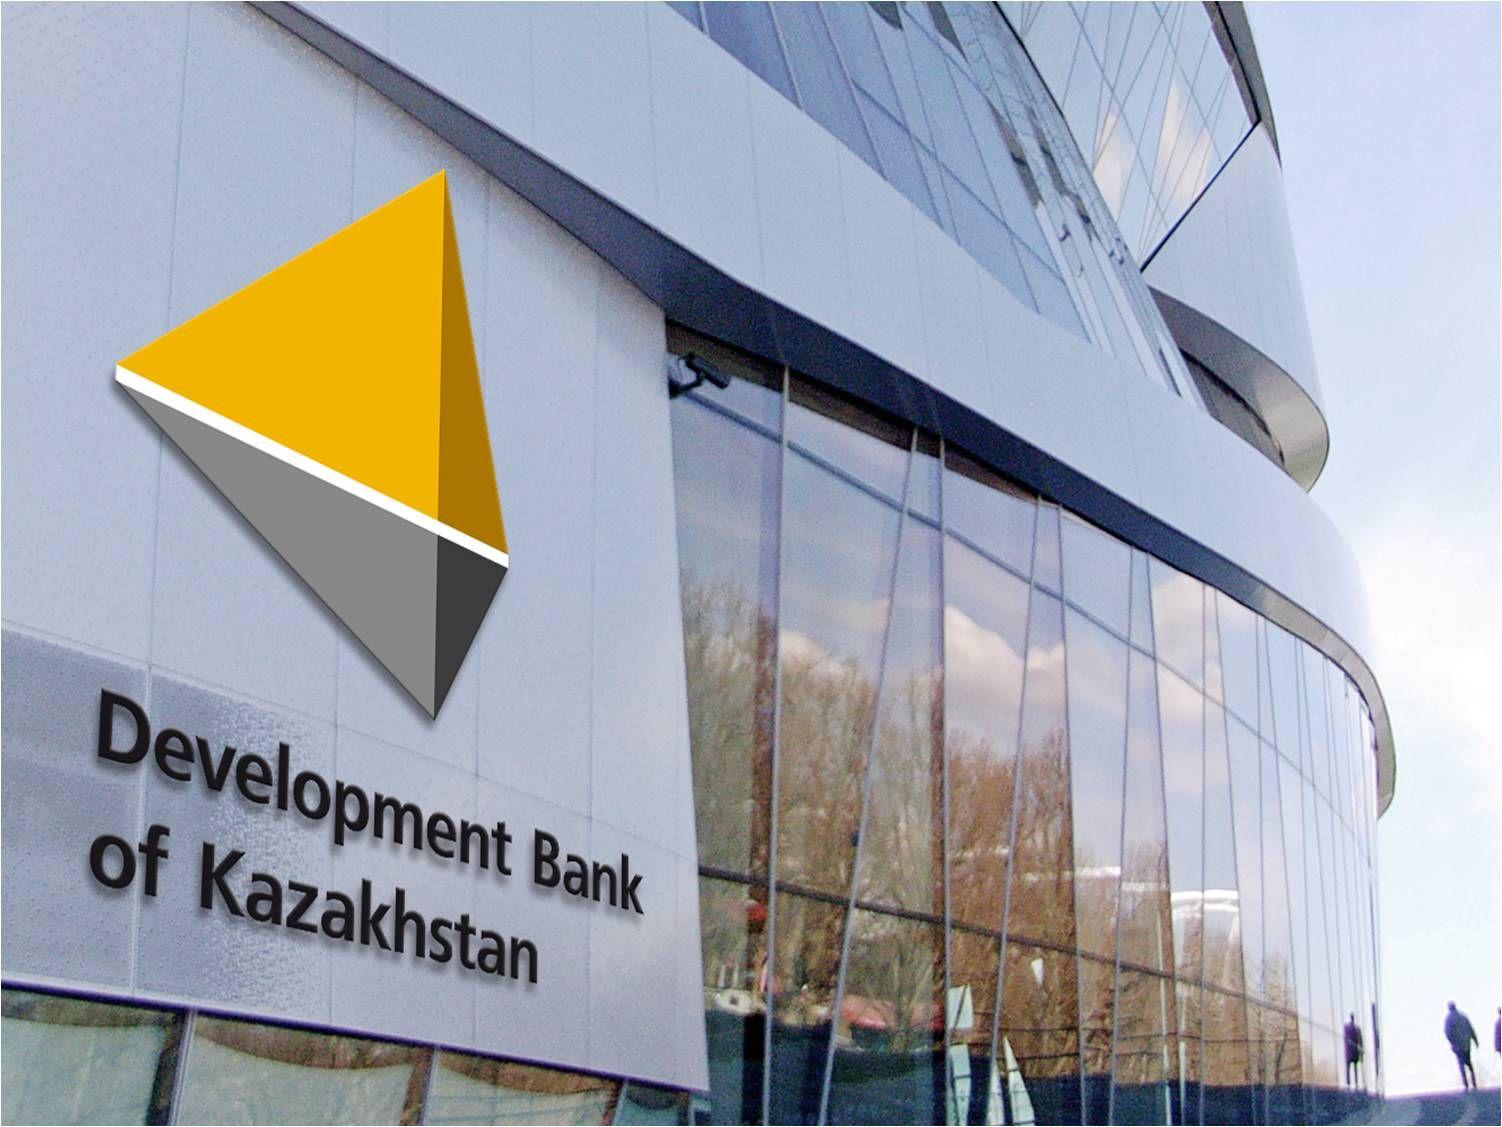 Чистая прибыль БРК в 2015 году составила 5 млрд - Kapital.kz